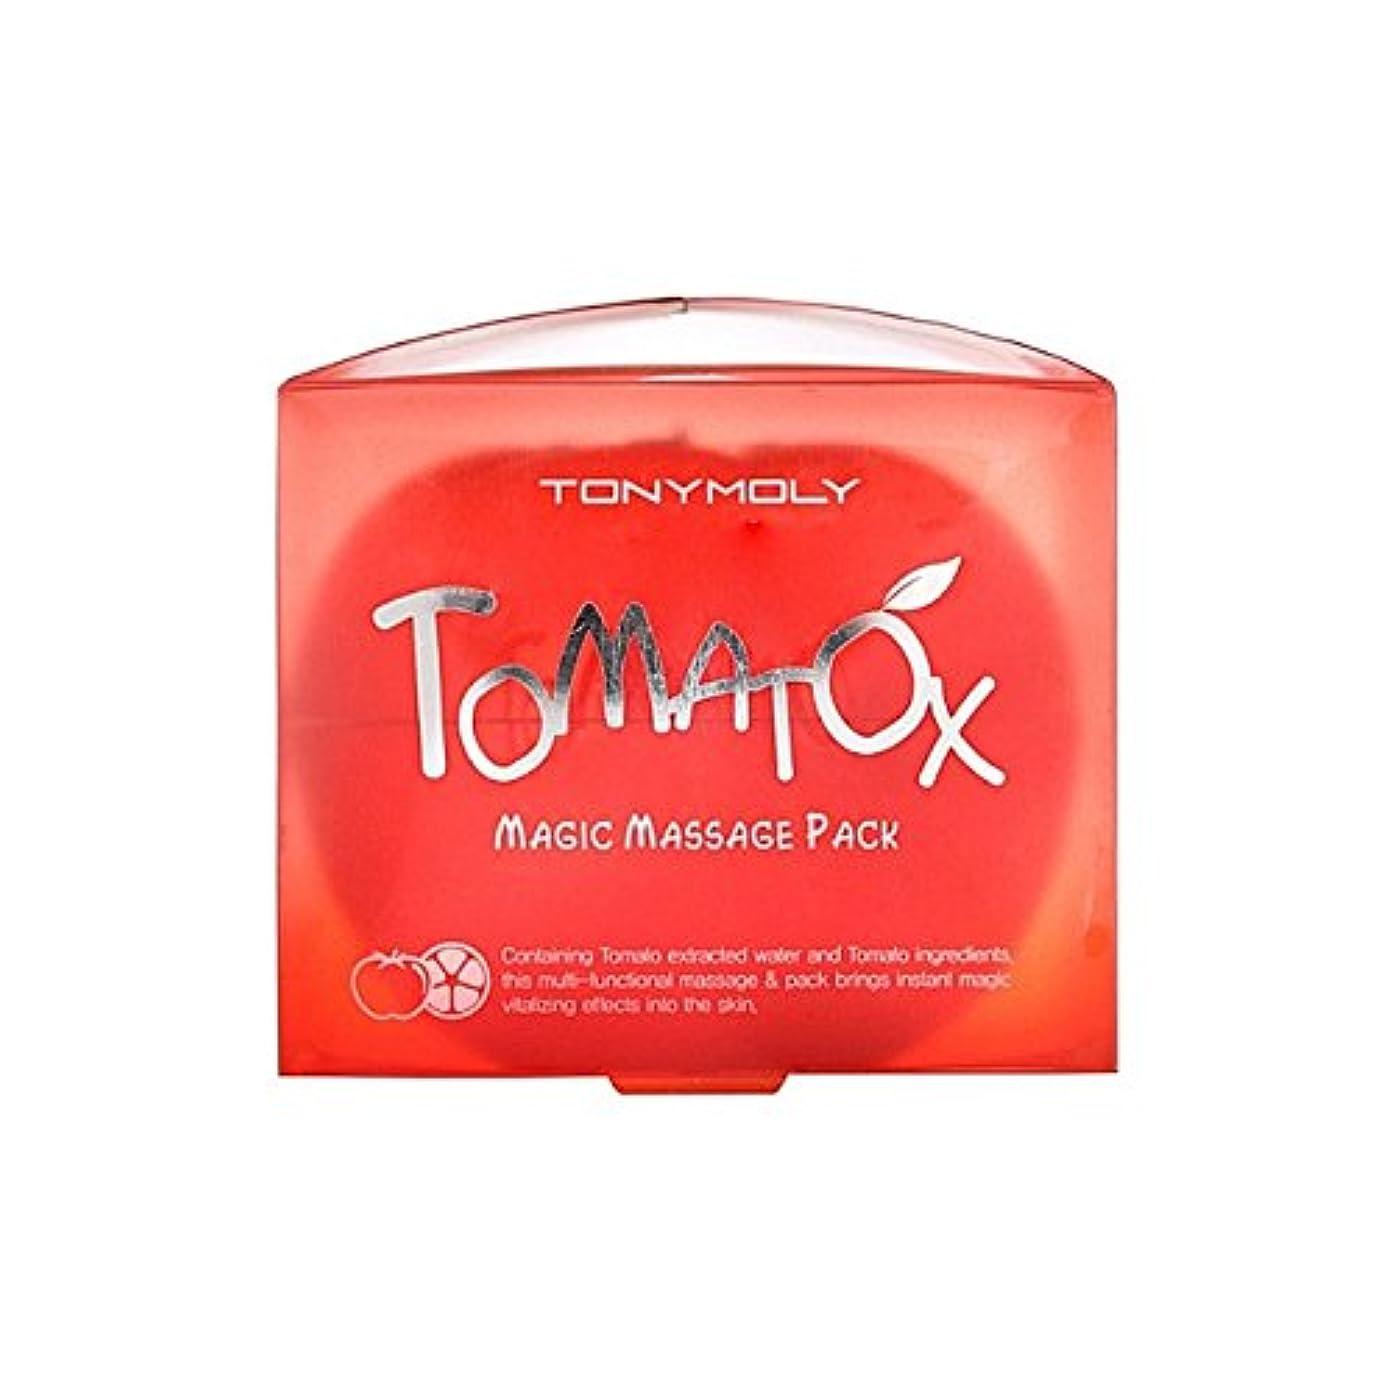 分類する六不実Tony Moly Tomatox Magic Massage Pack 80G - トニーモリー魔法マッサージパック80グラム [並行輸入品]